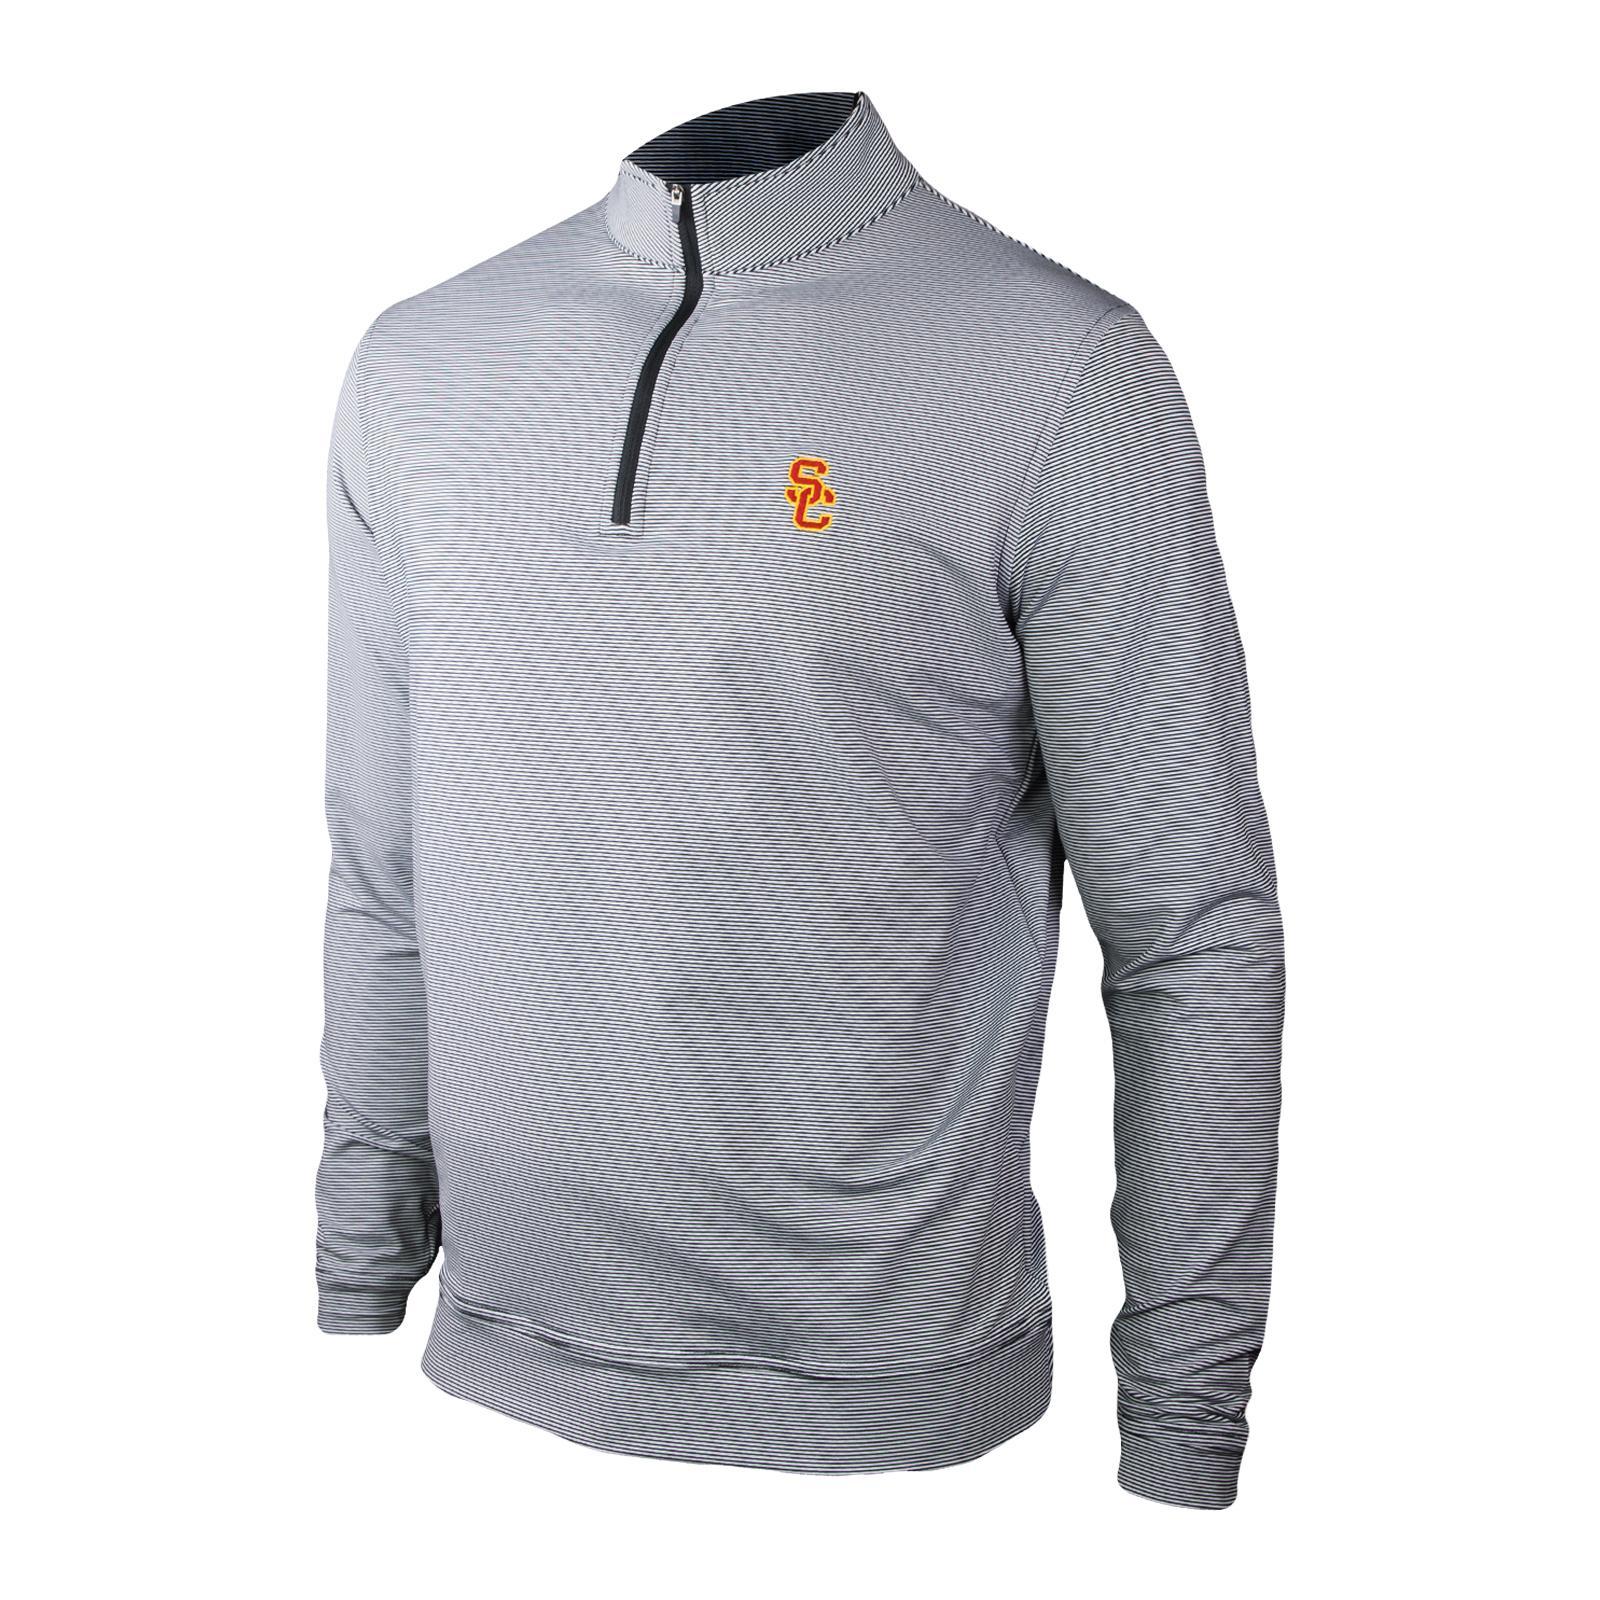 Buy Polo Shirts Perth Rldm